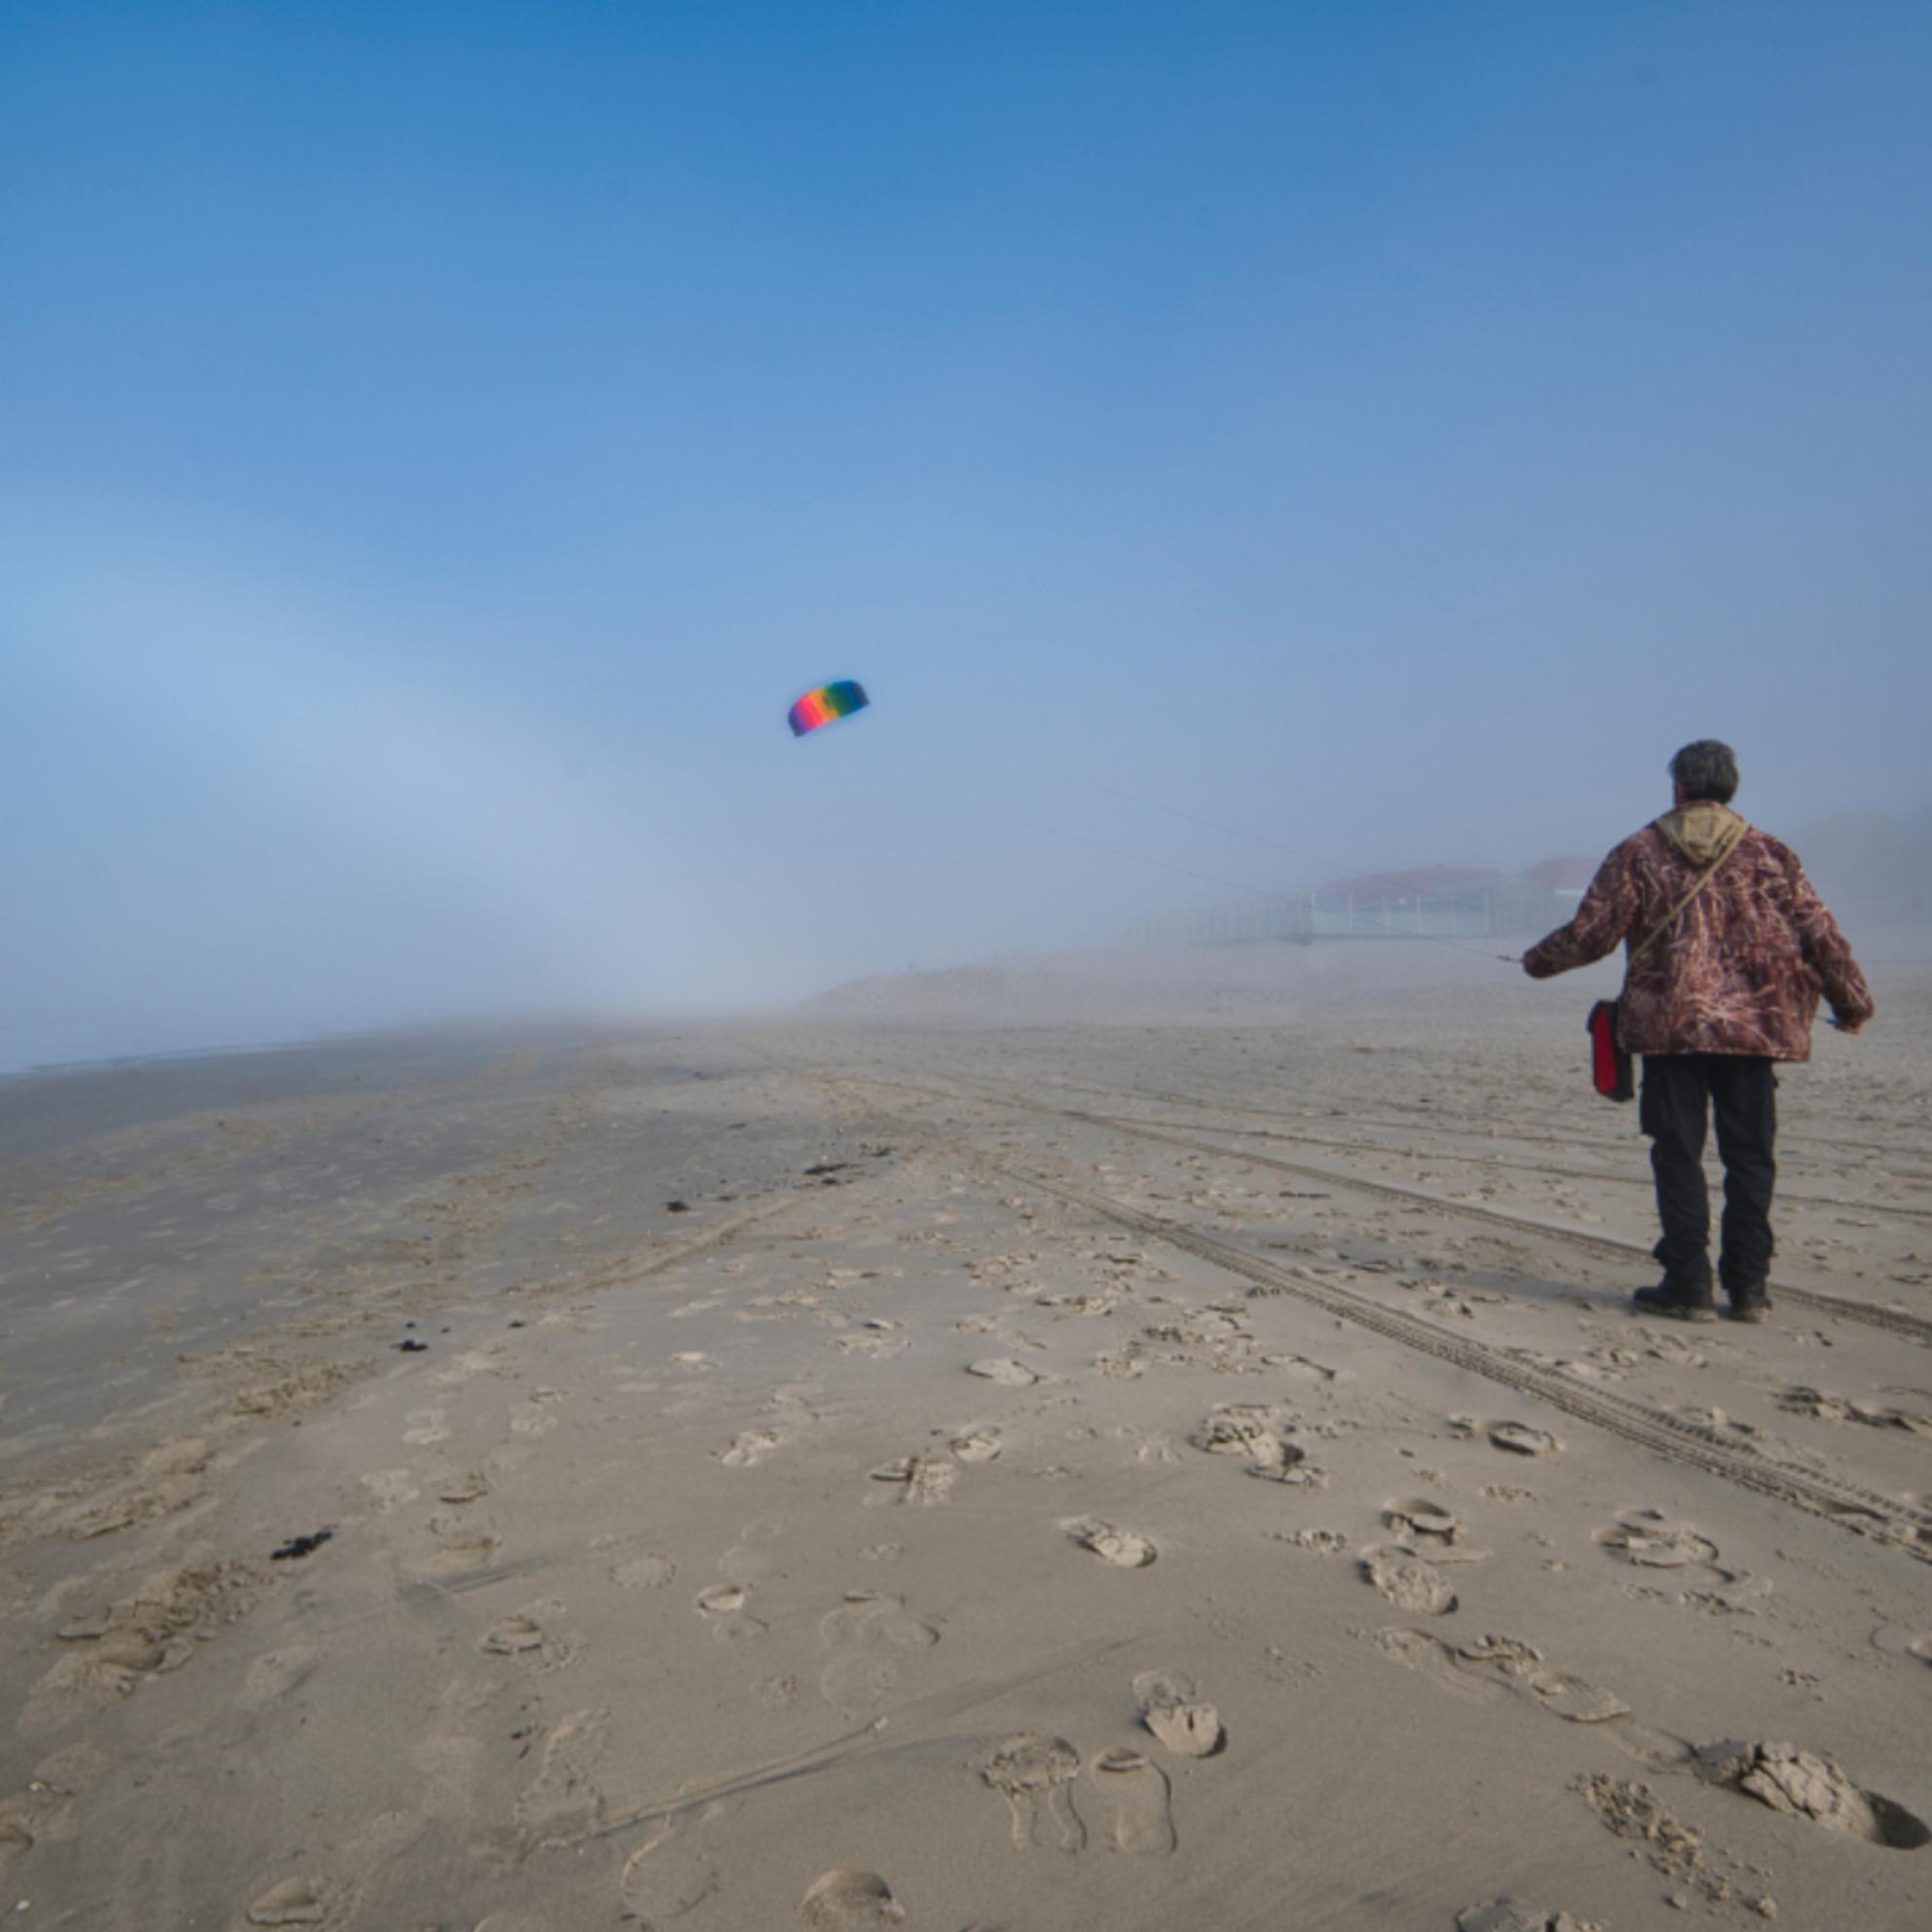 vlieger en mistboog - Strand Ameland, in de mist vliegeren. - foto door Tomverdam op 04-03-2021 - deze foto bevat: strand, mist, duinen, vlieger, ameland, mistboog